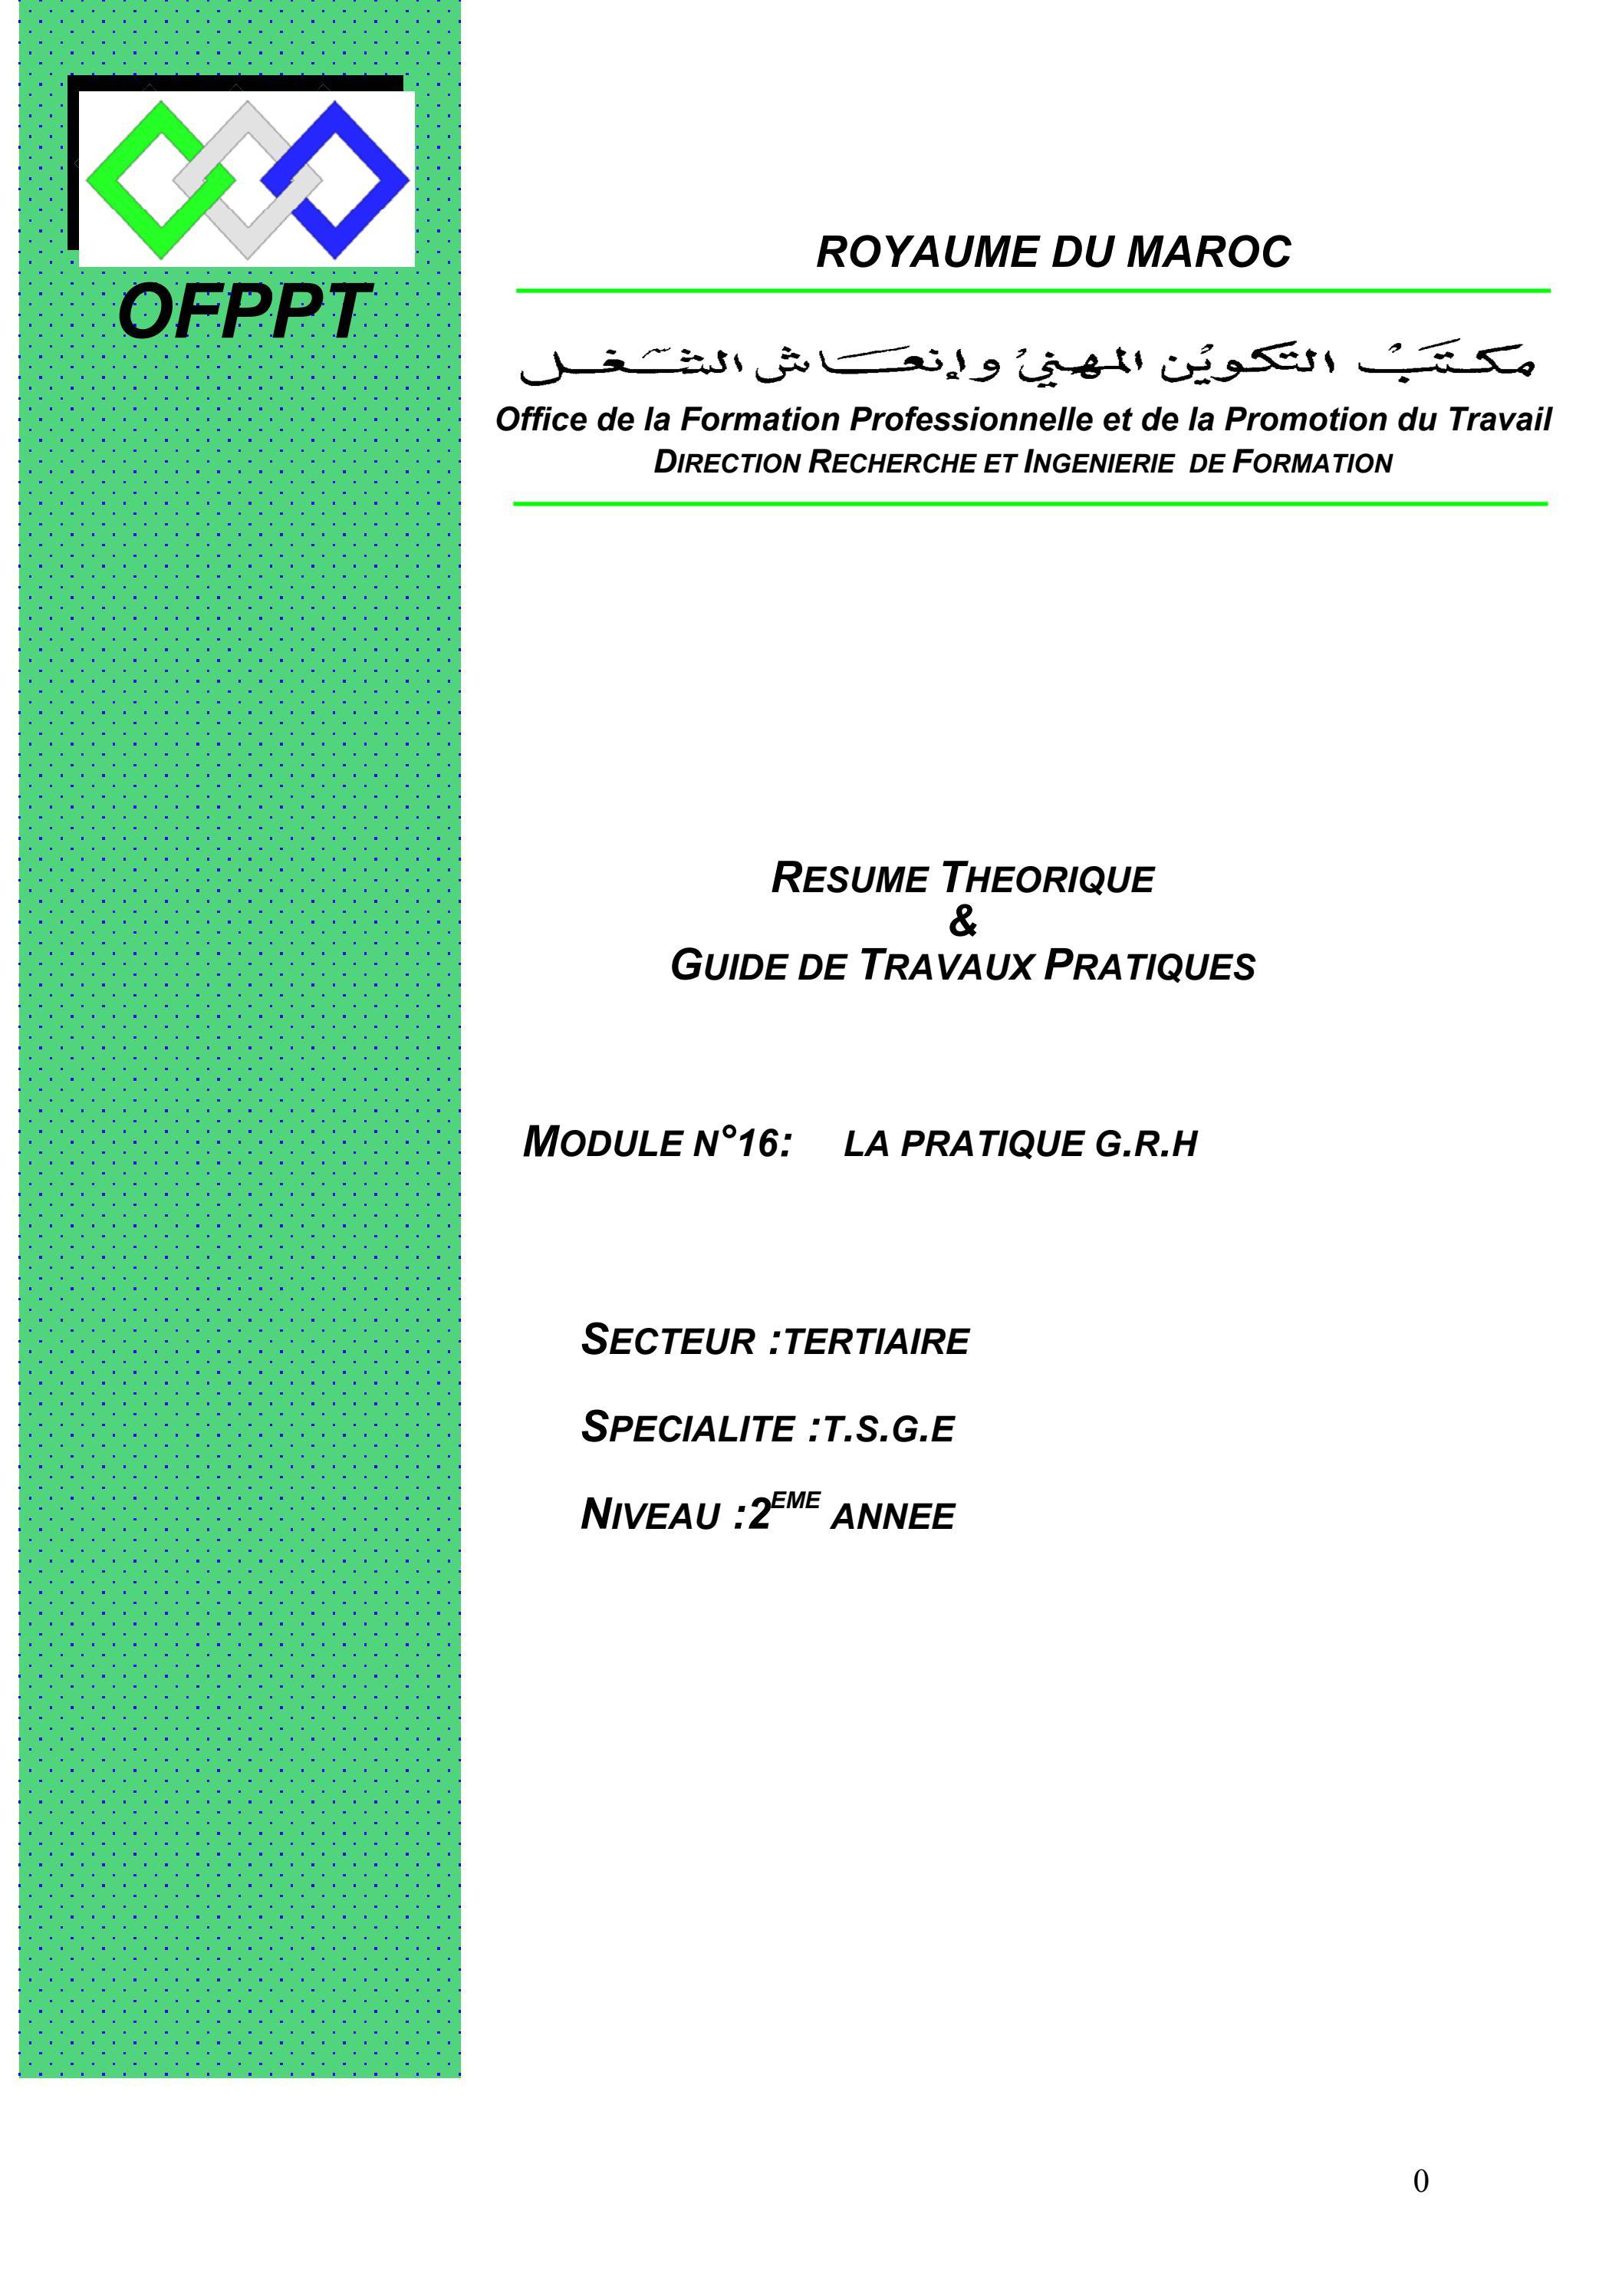 module 16 tsge pratique de la gestion de ressource humaine